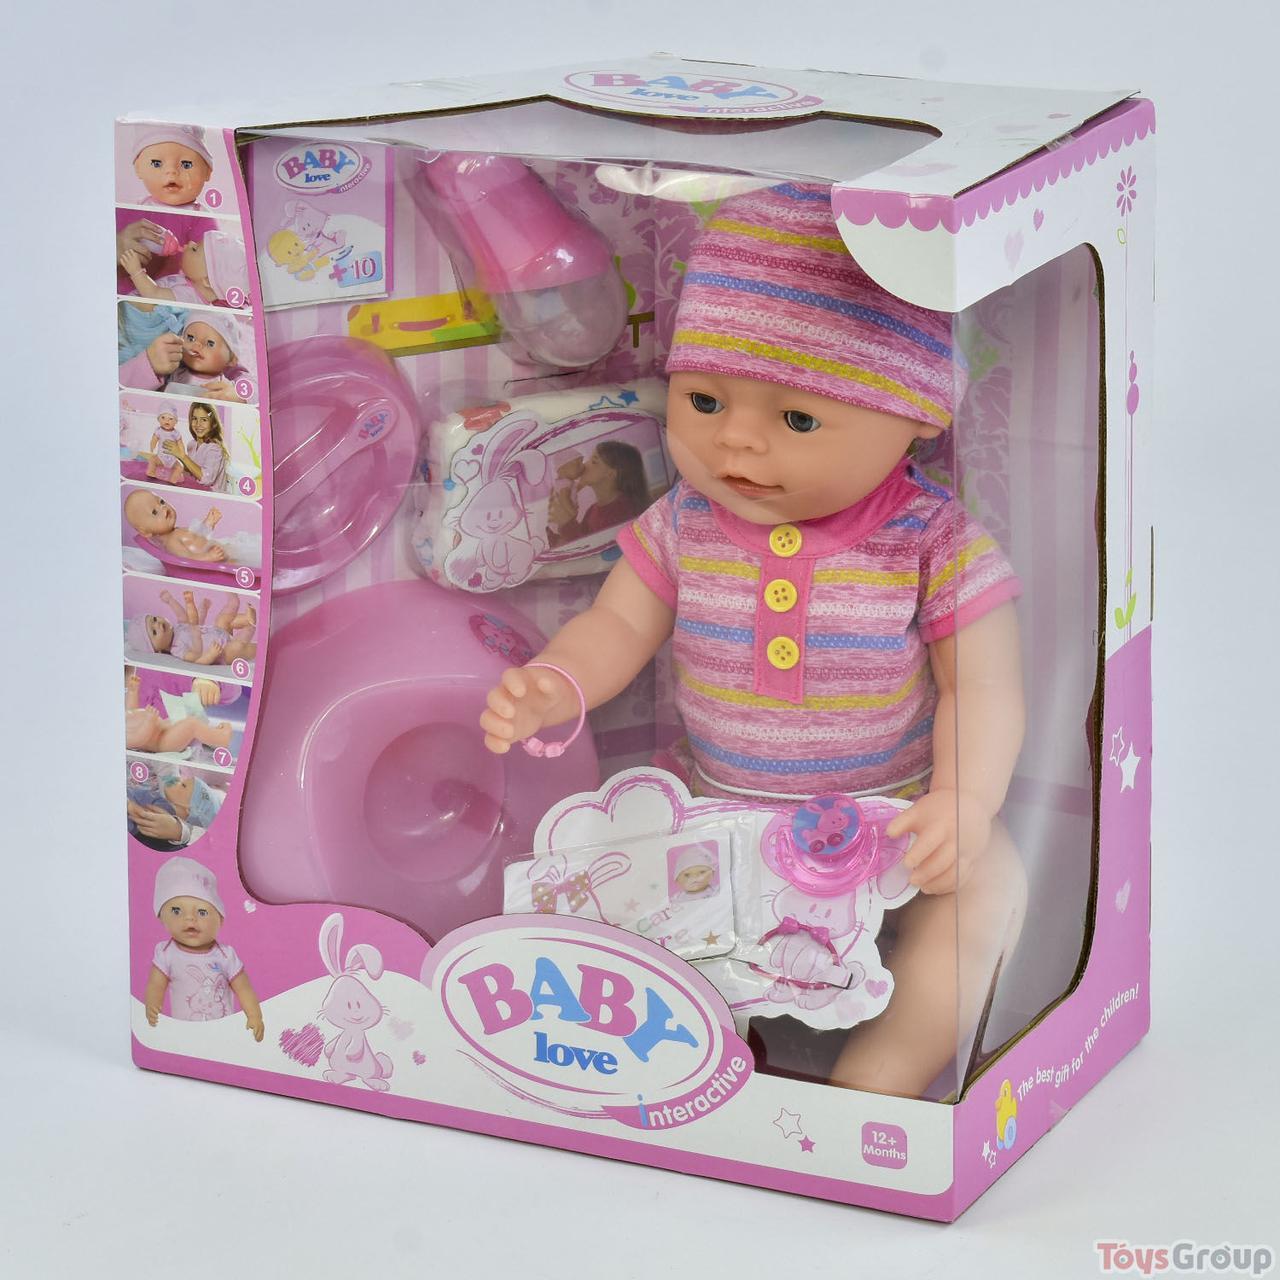 Пупс аналог Baby born функциональный BL 023 M    (12) с аксессуарами, в коробке